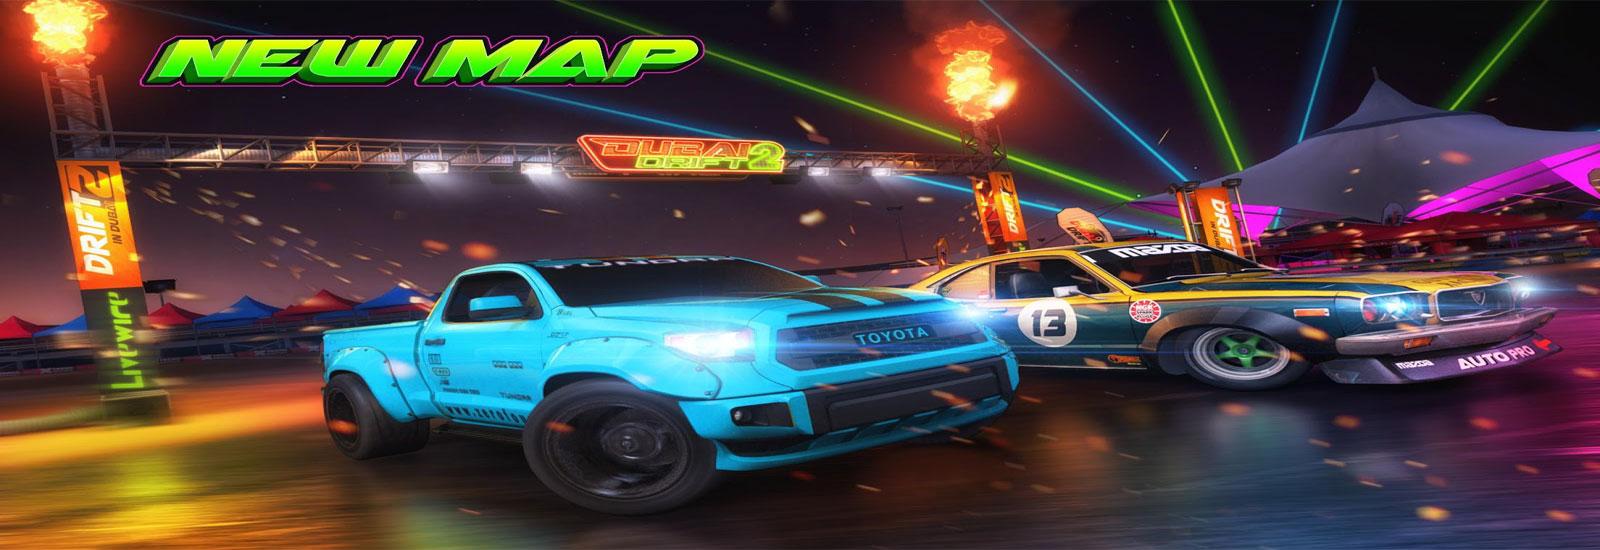 دانلود Dubai Drift 2 - بازی ماشینی دبی دریفت 2 اندروید + دیتا